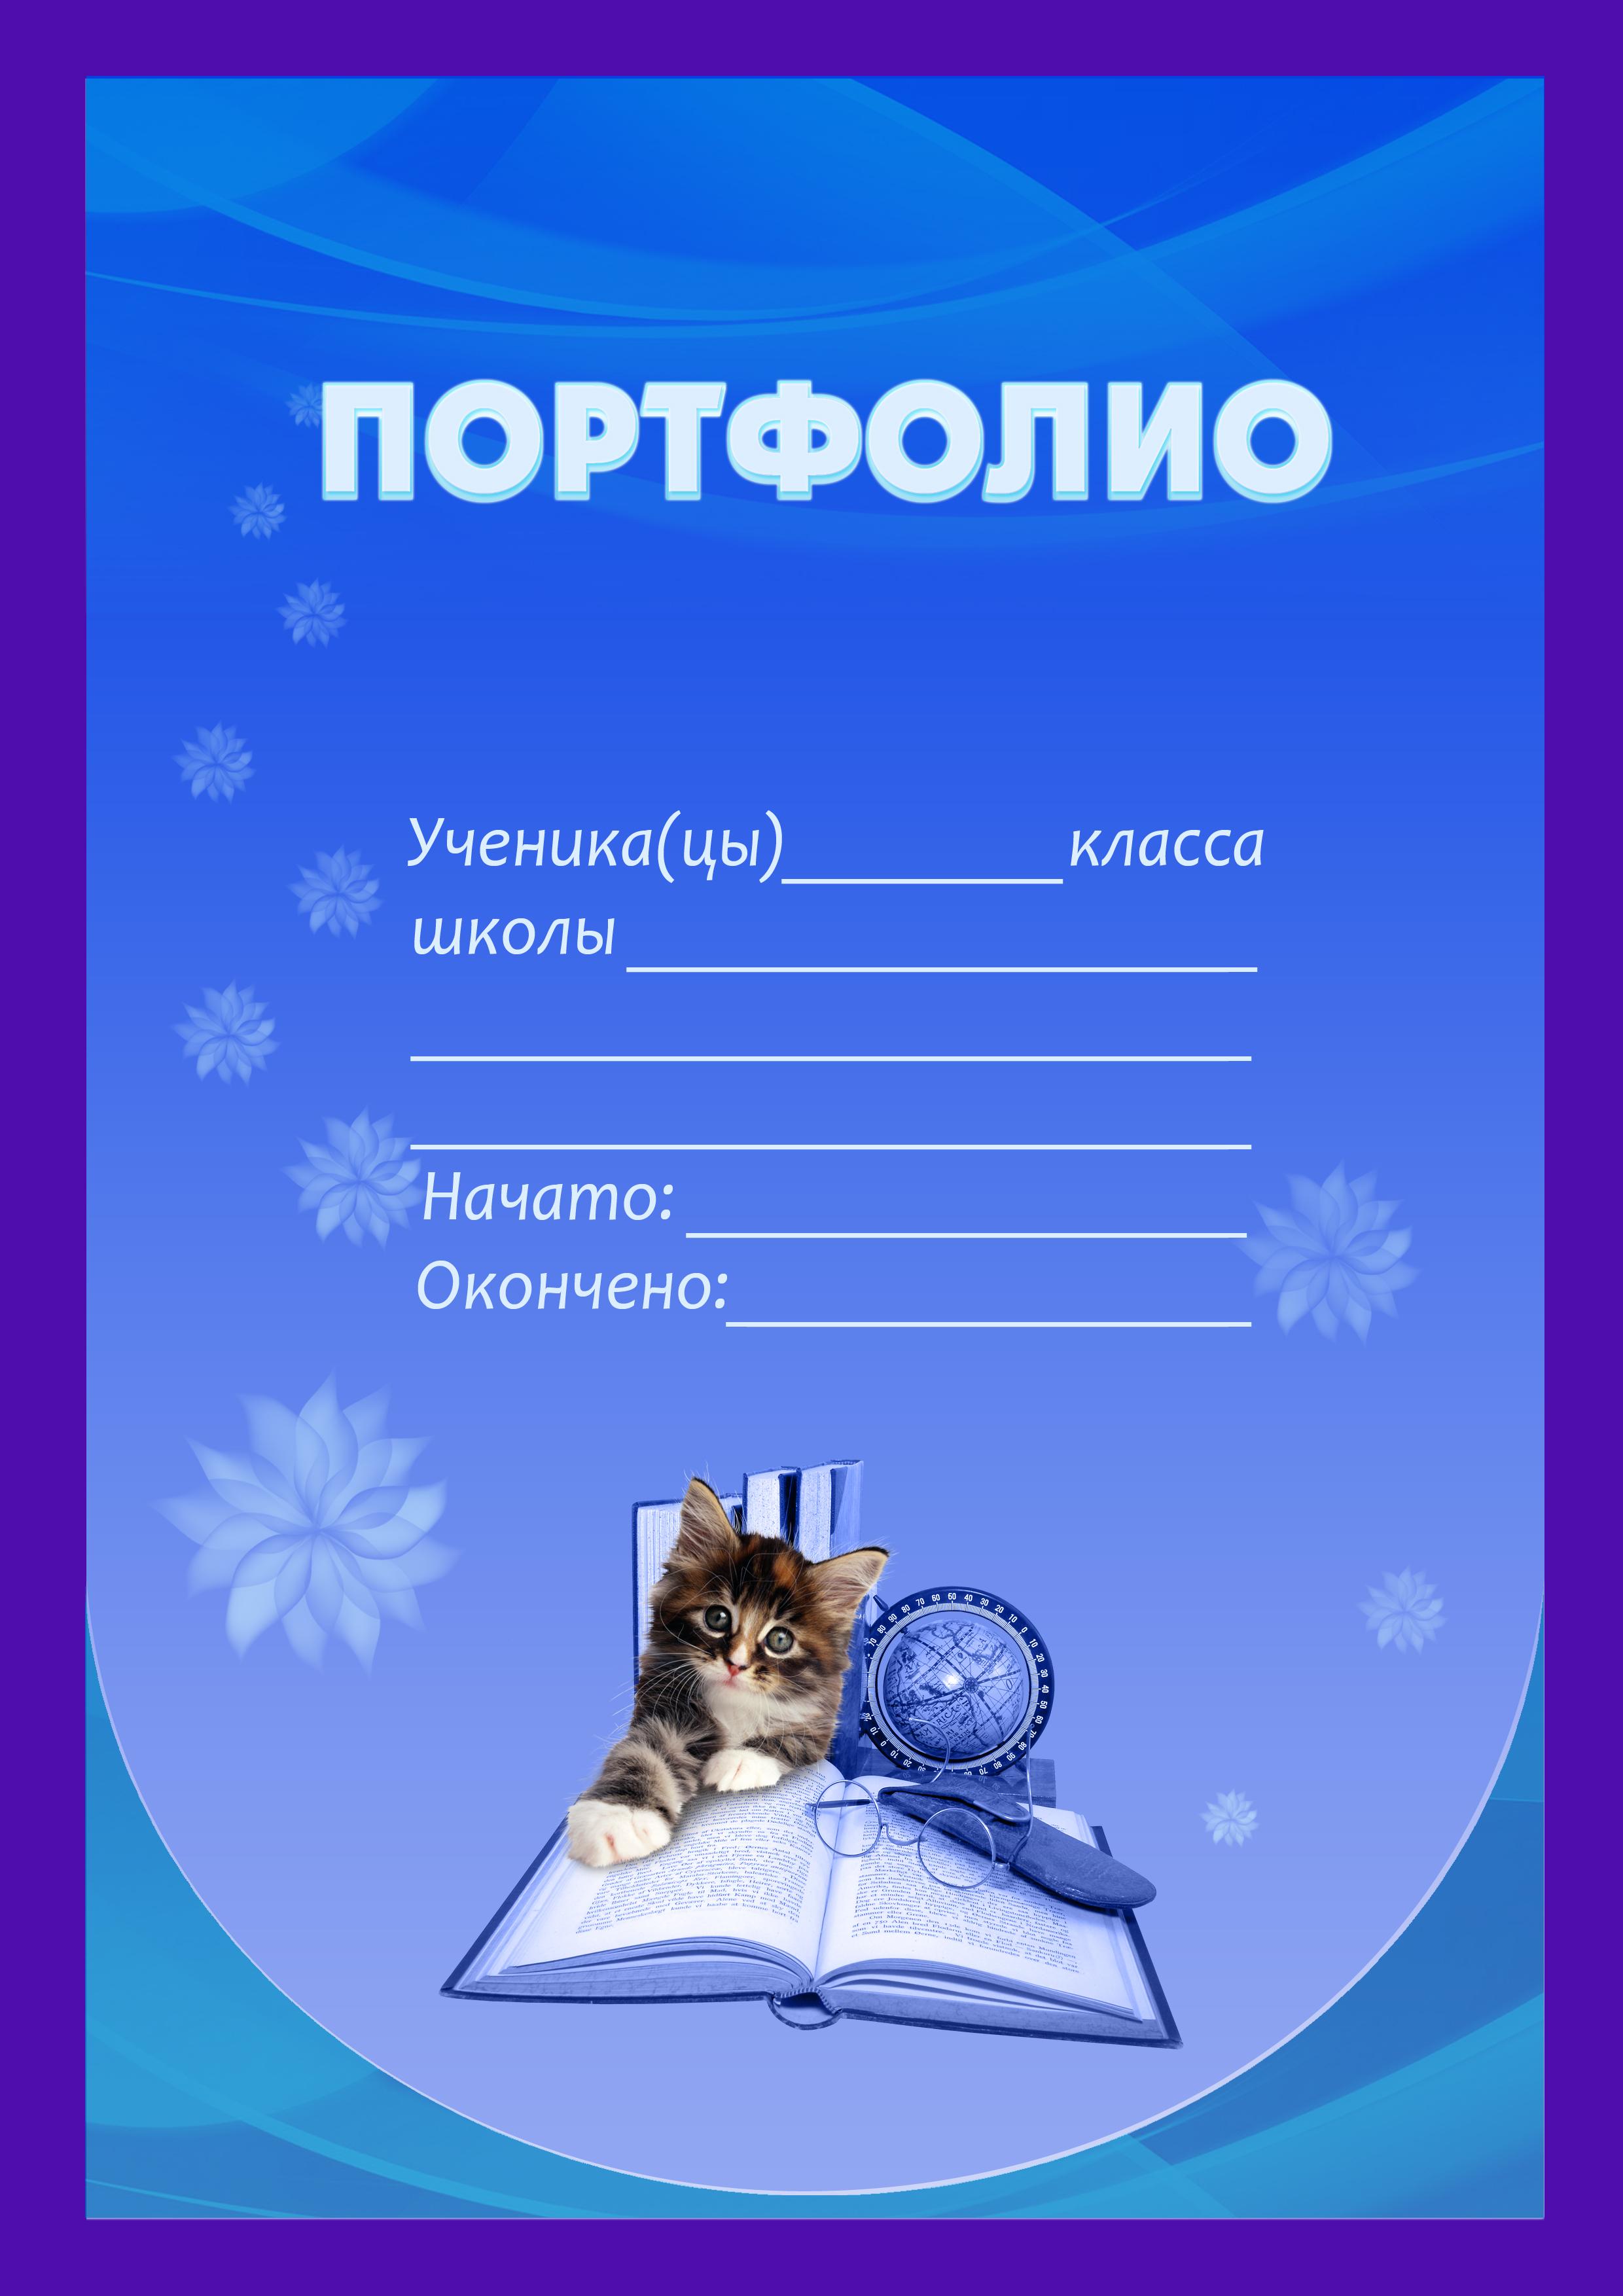 Титульный лист портфолио ученика начальной школы образец 6 фотография